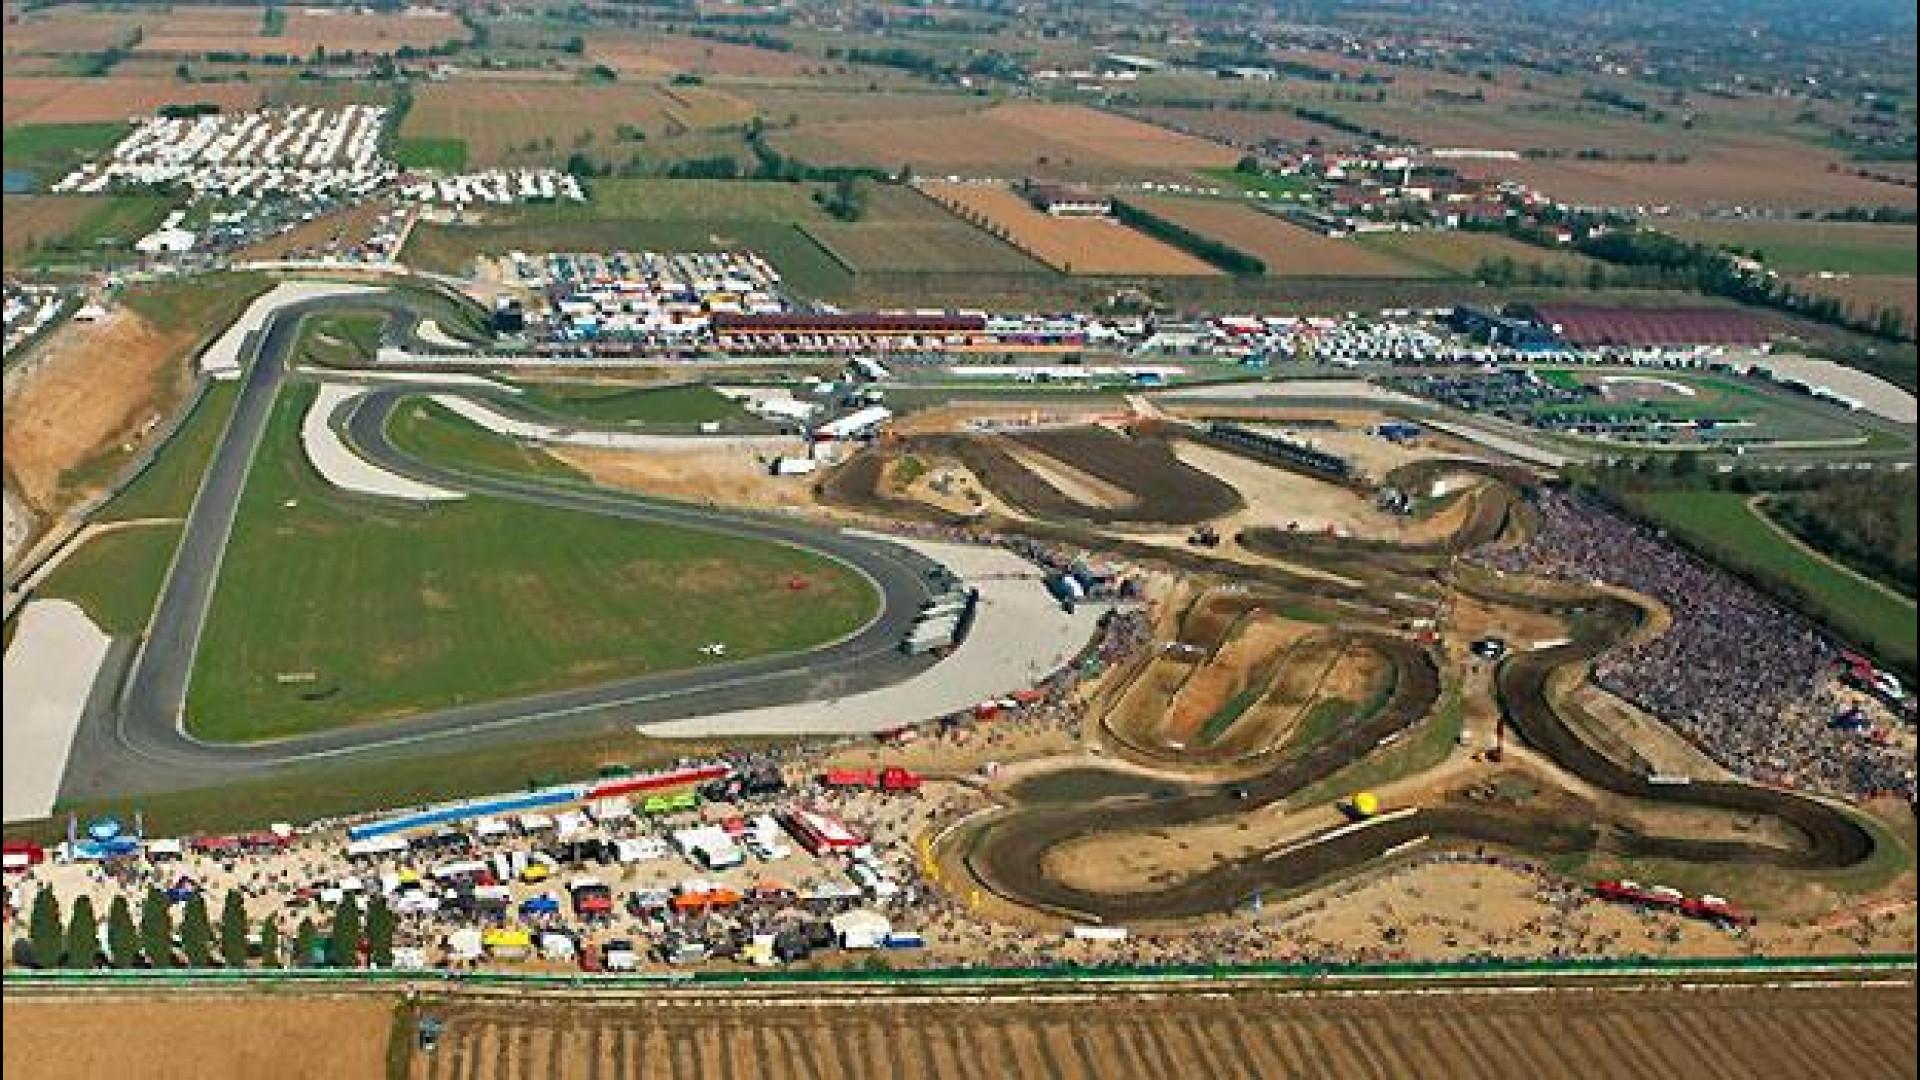 Franciacorta Circuit : Pagani huayra bc at franciacorta circuit side view sssupersports